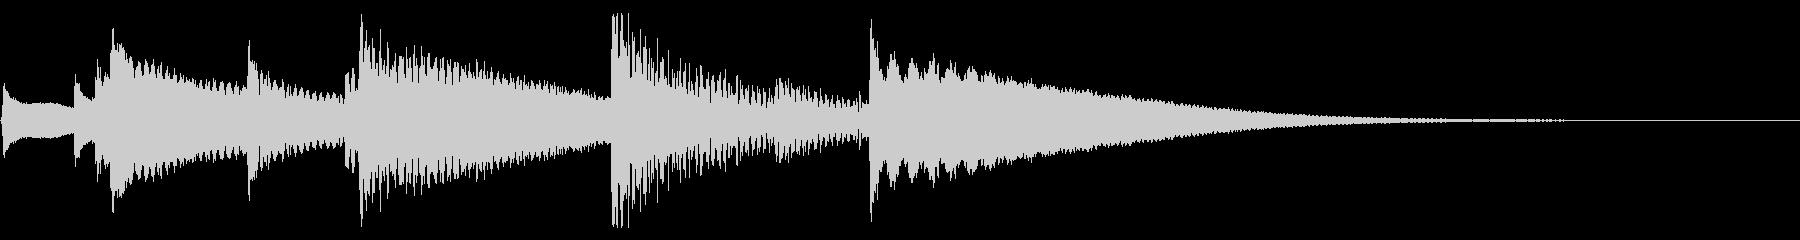 ハッピーバースデー ジングル オルゴールの未再生の波形